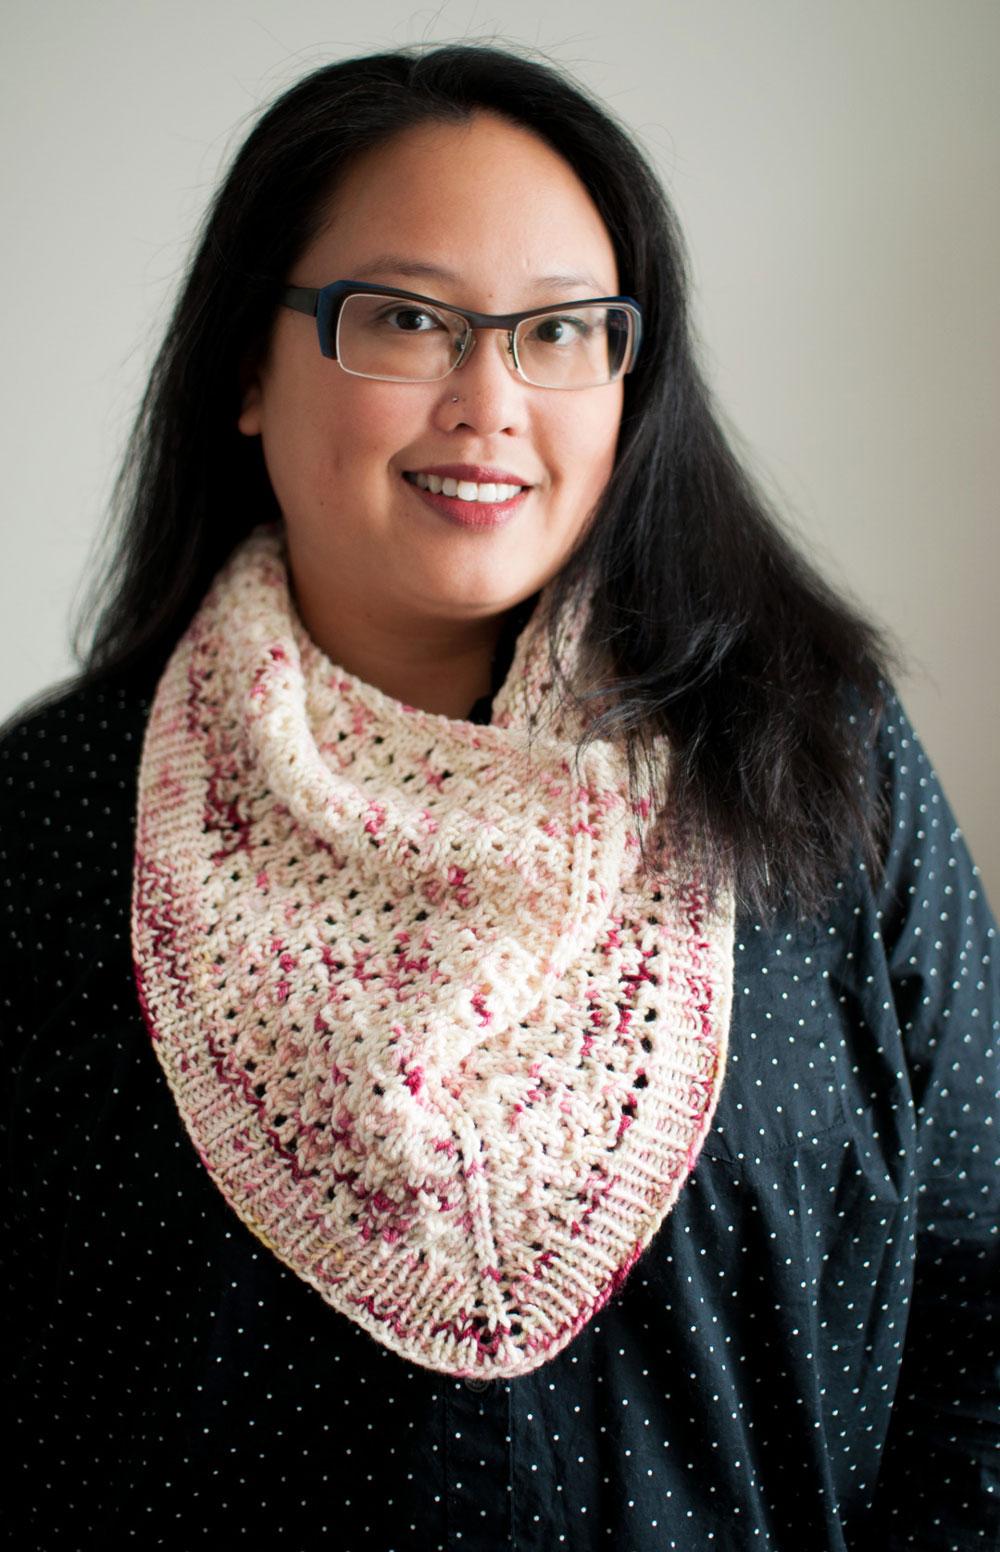 ingersoll knit lace cowl pattern